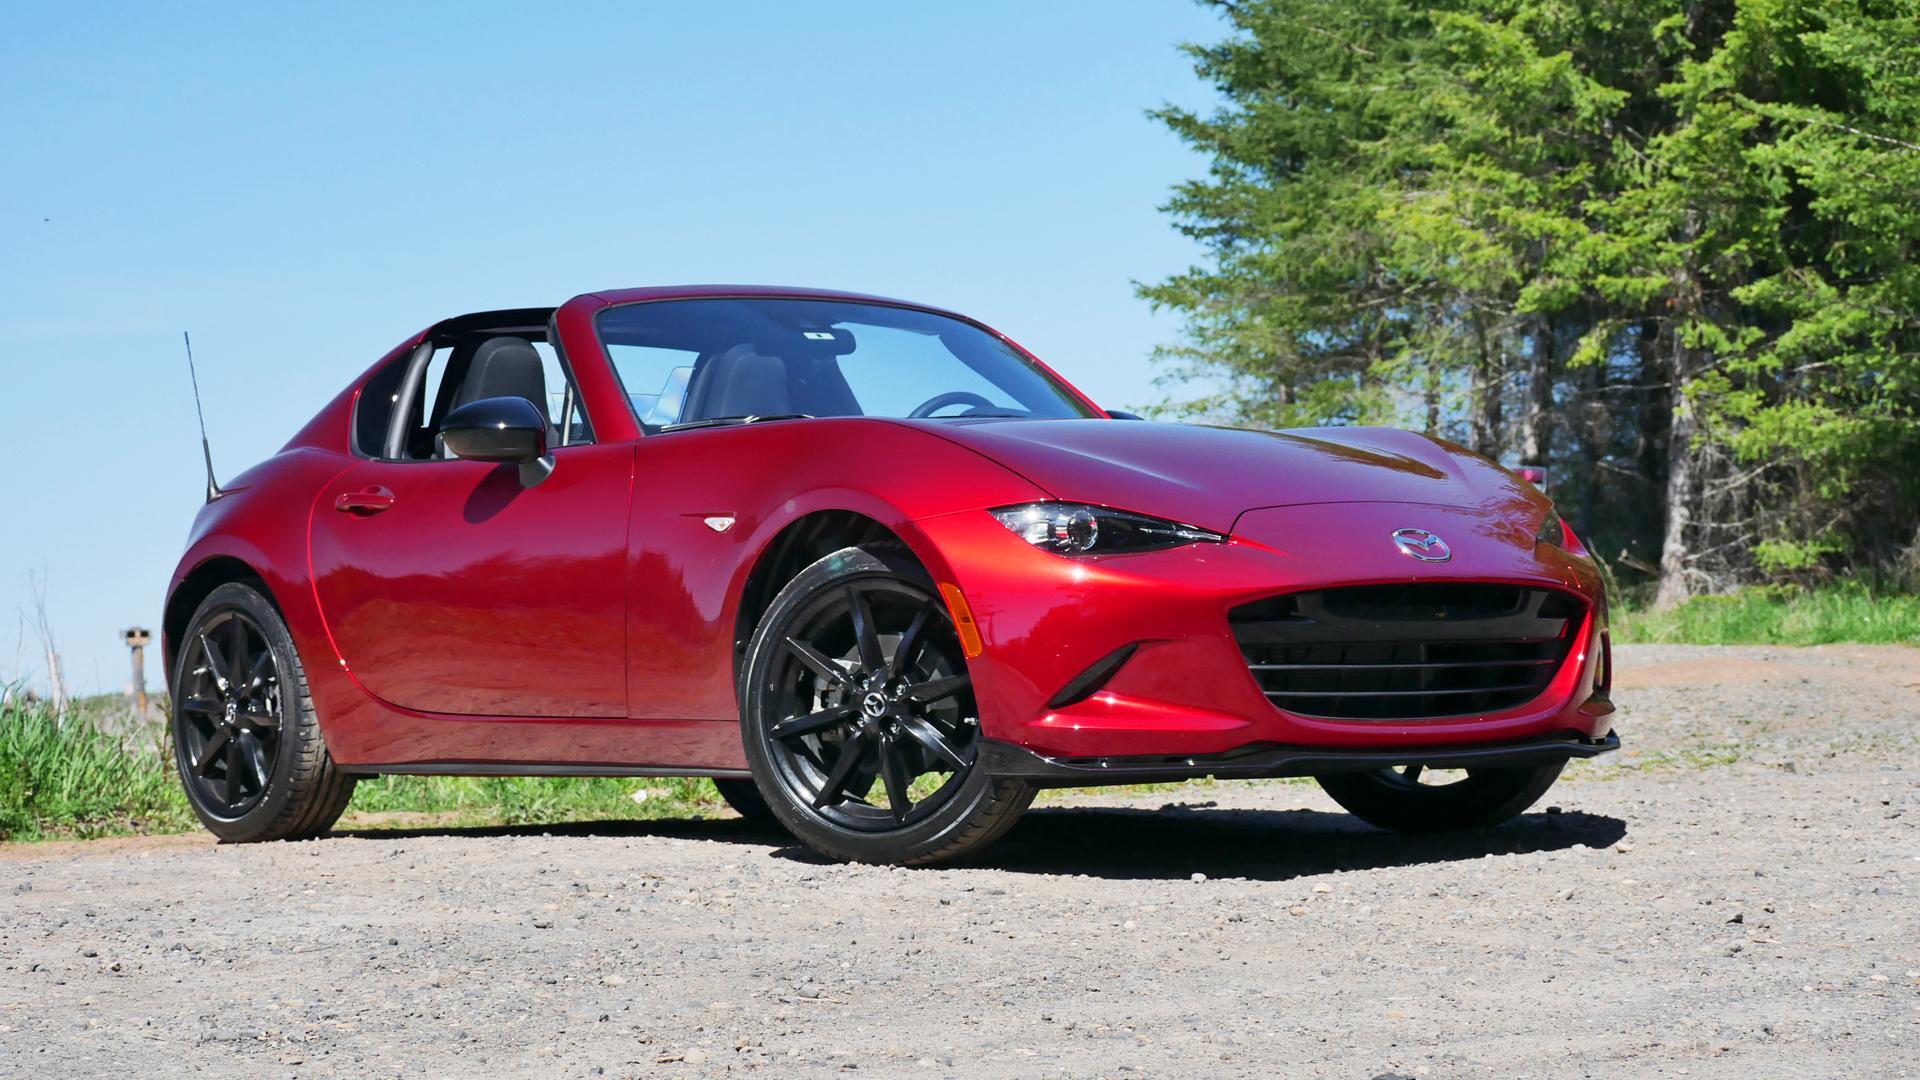 Mazda MX-5 Miata RF First Drive - Miata Hardtop Road Test